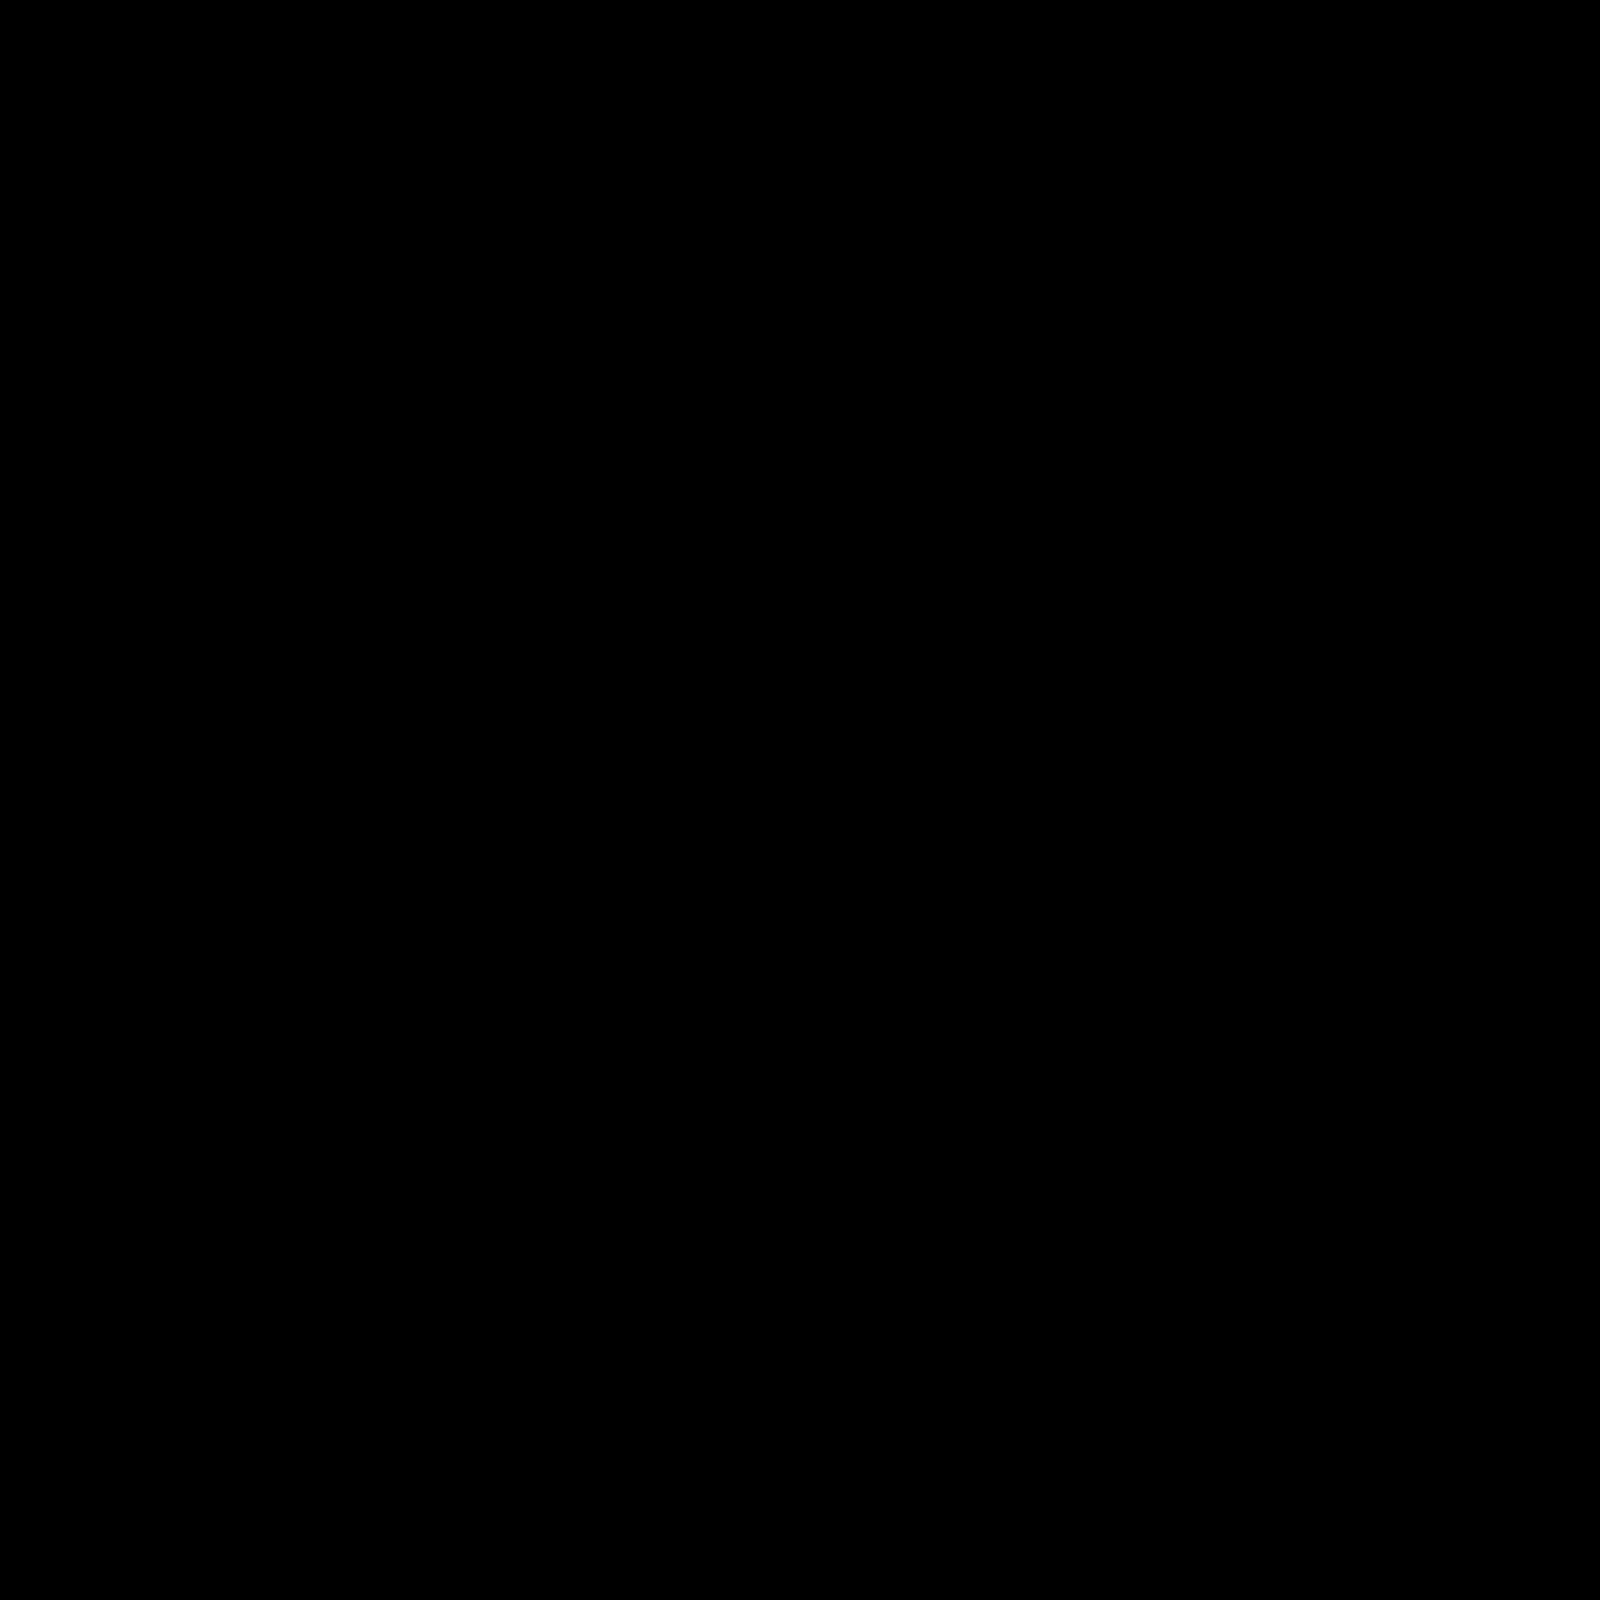 Registered Mark Vector